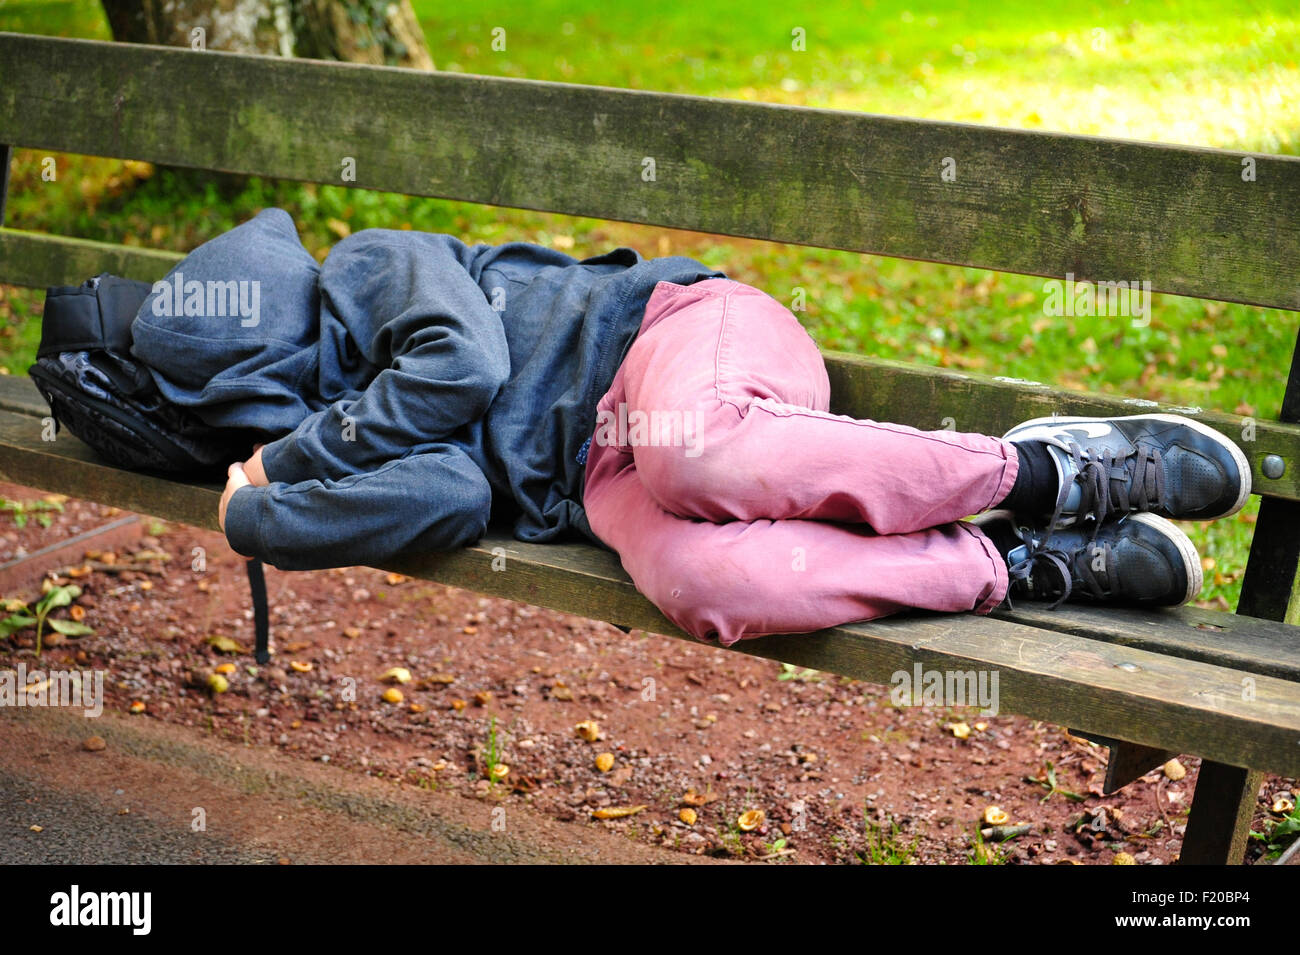 Niño dormido sobre un banco del parque Fotografía de stock - Alamy